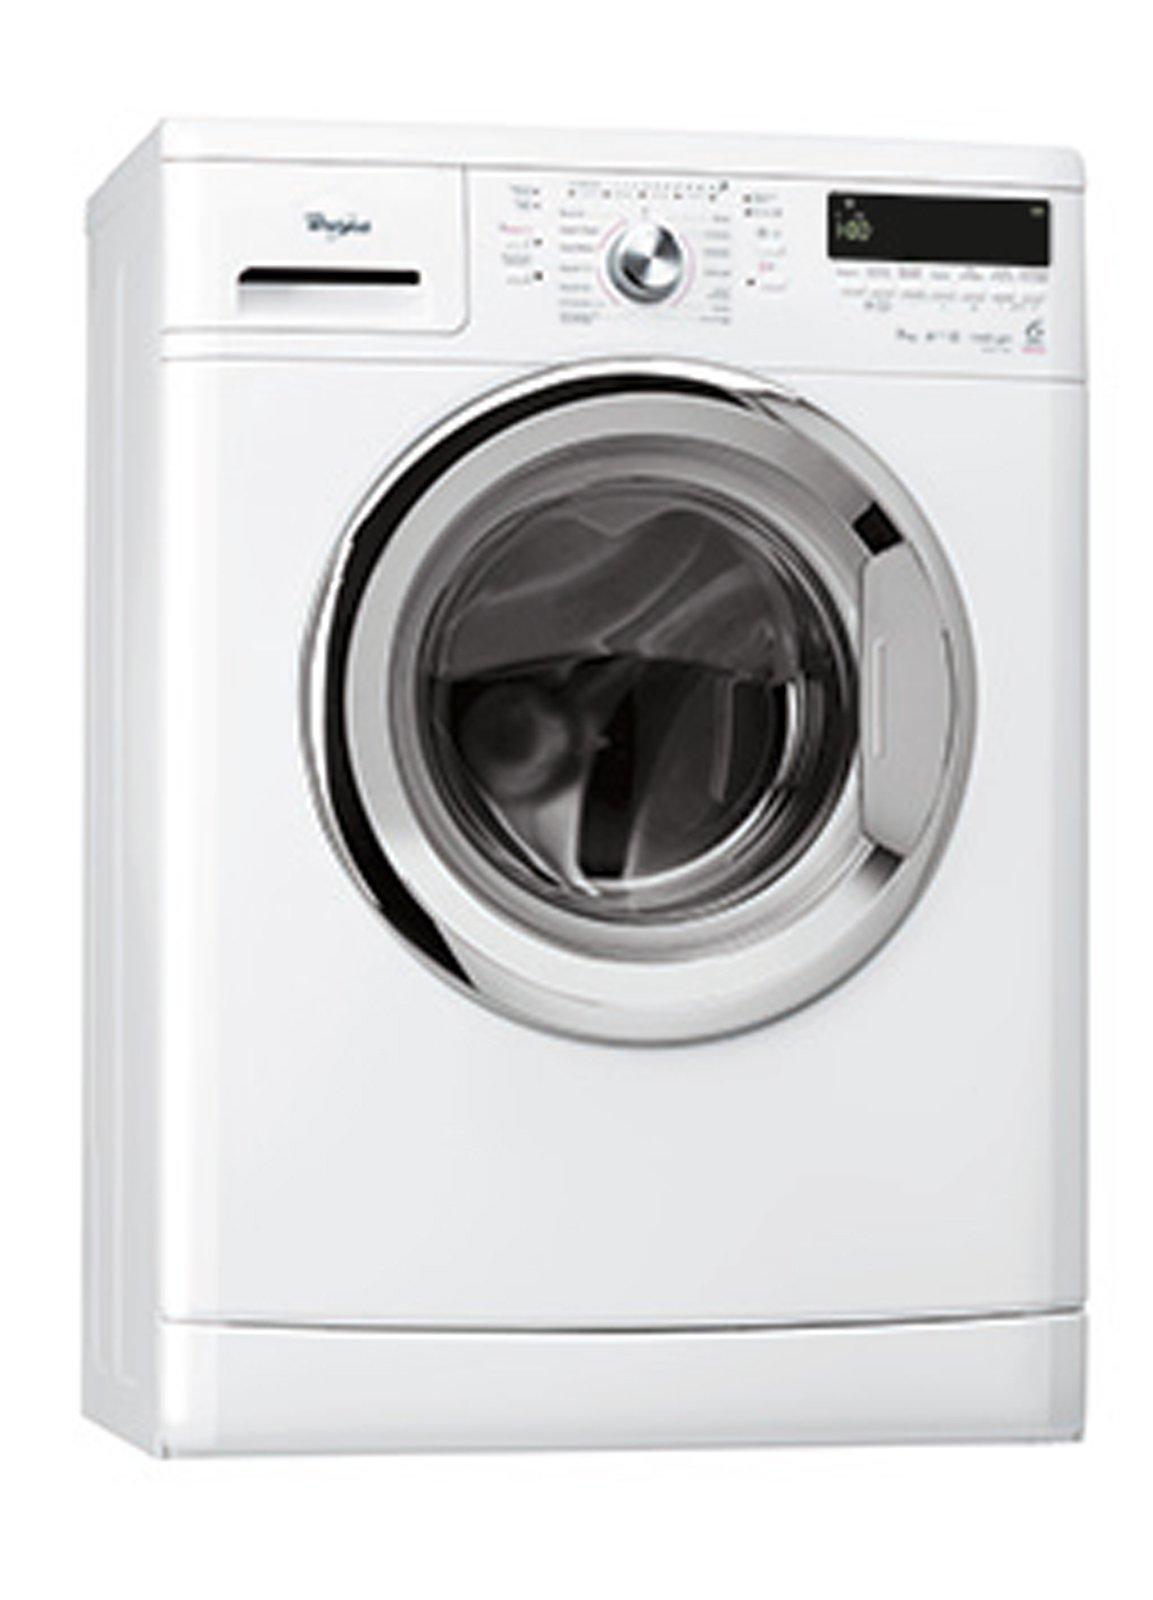 Lavatrici piccole per spazi mini cose di casa for Planimetrie di casa molto piccole